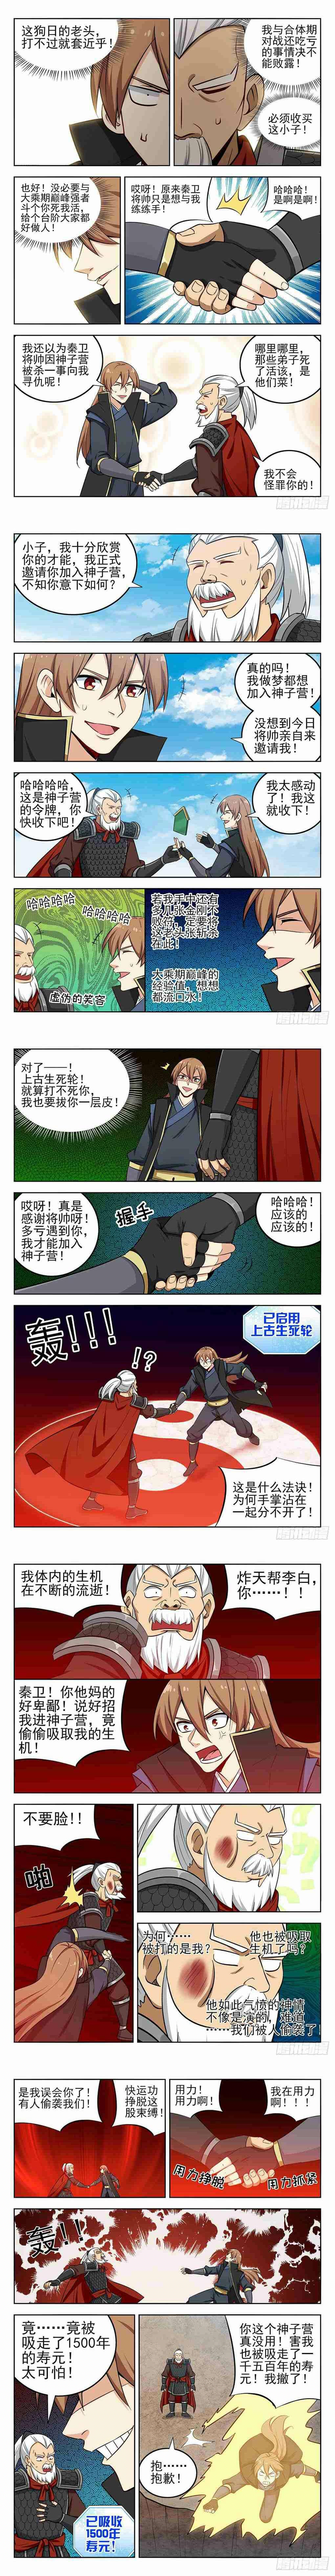 【漫画更新】最强反套路系统  267